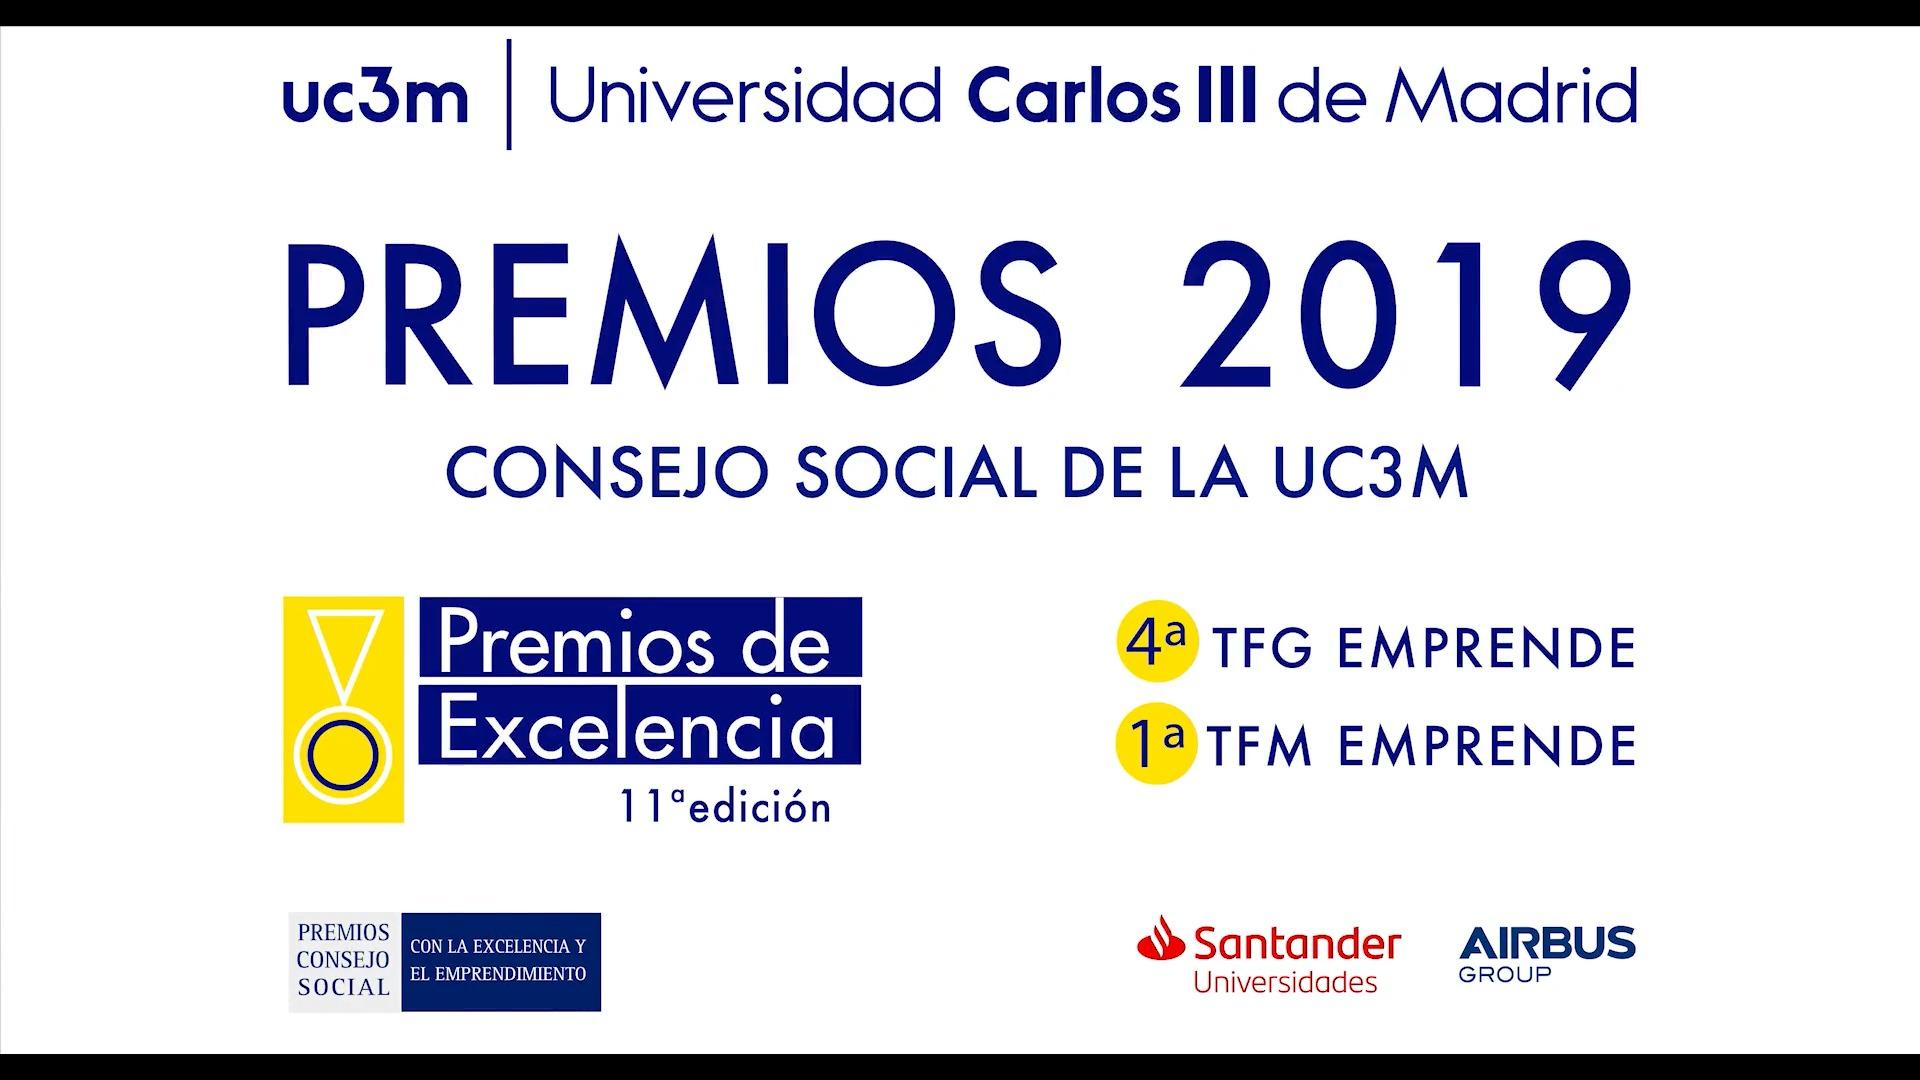 Ceremonia de Entrega de los Premios de Excelencia 2019 del Consejo Social UC3M